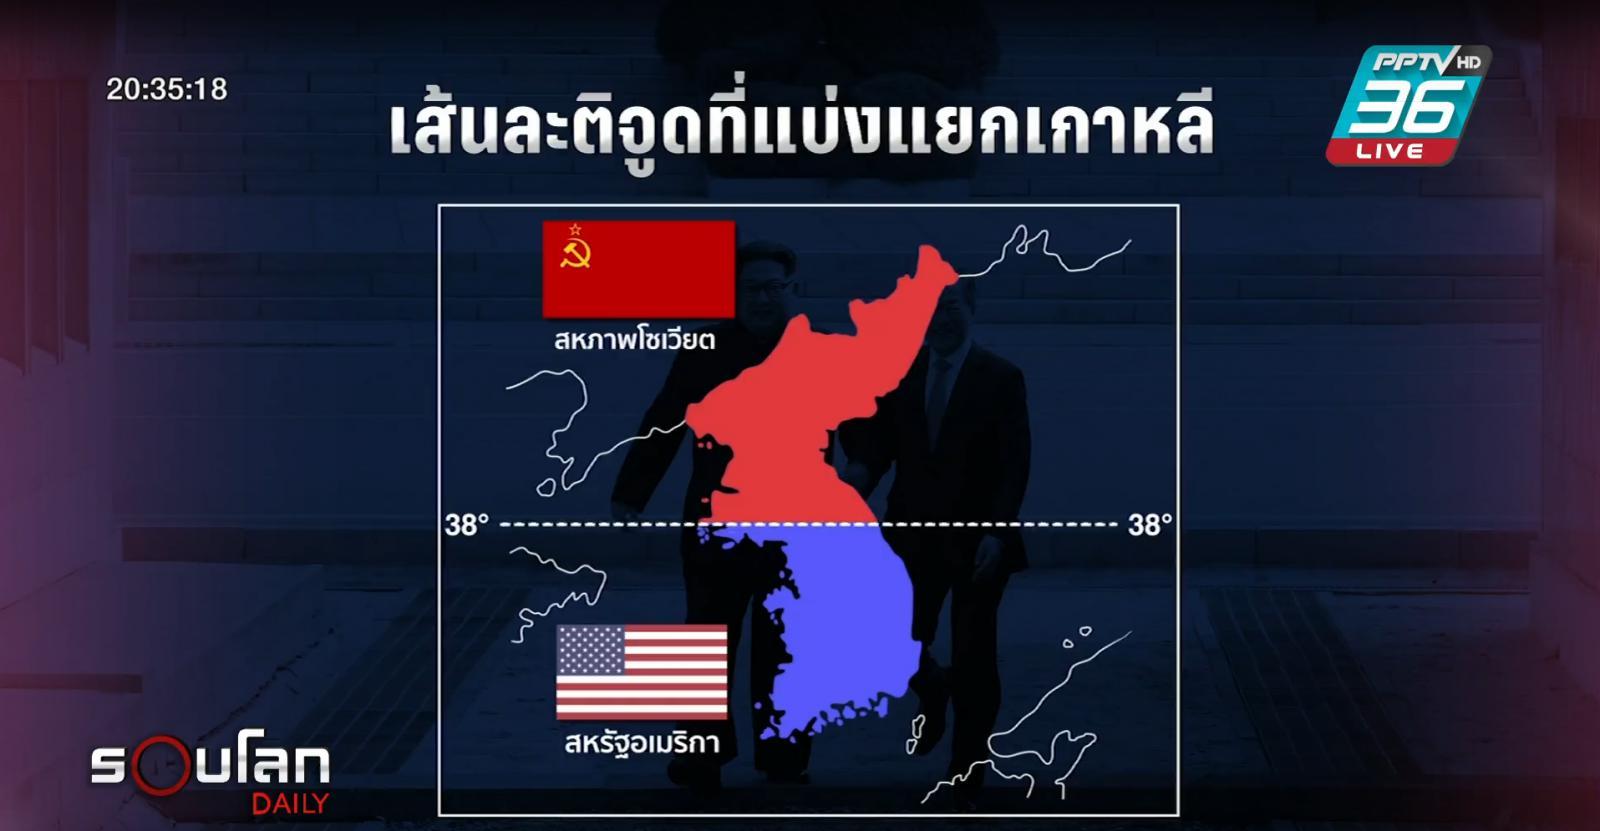 """เกาหลีเหนือ ทดสอบ """"ขีปนาวุธพิสัยไกล"""" รุ่นใหม่สำเร็จ ร่อนได้ถึง 1,500 กม."""